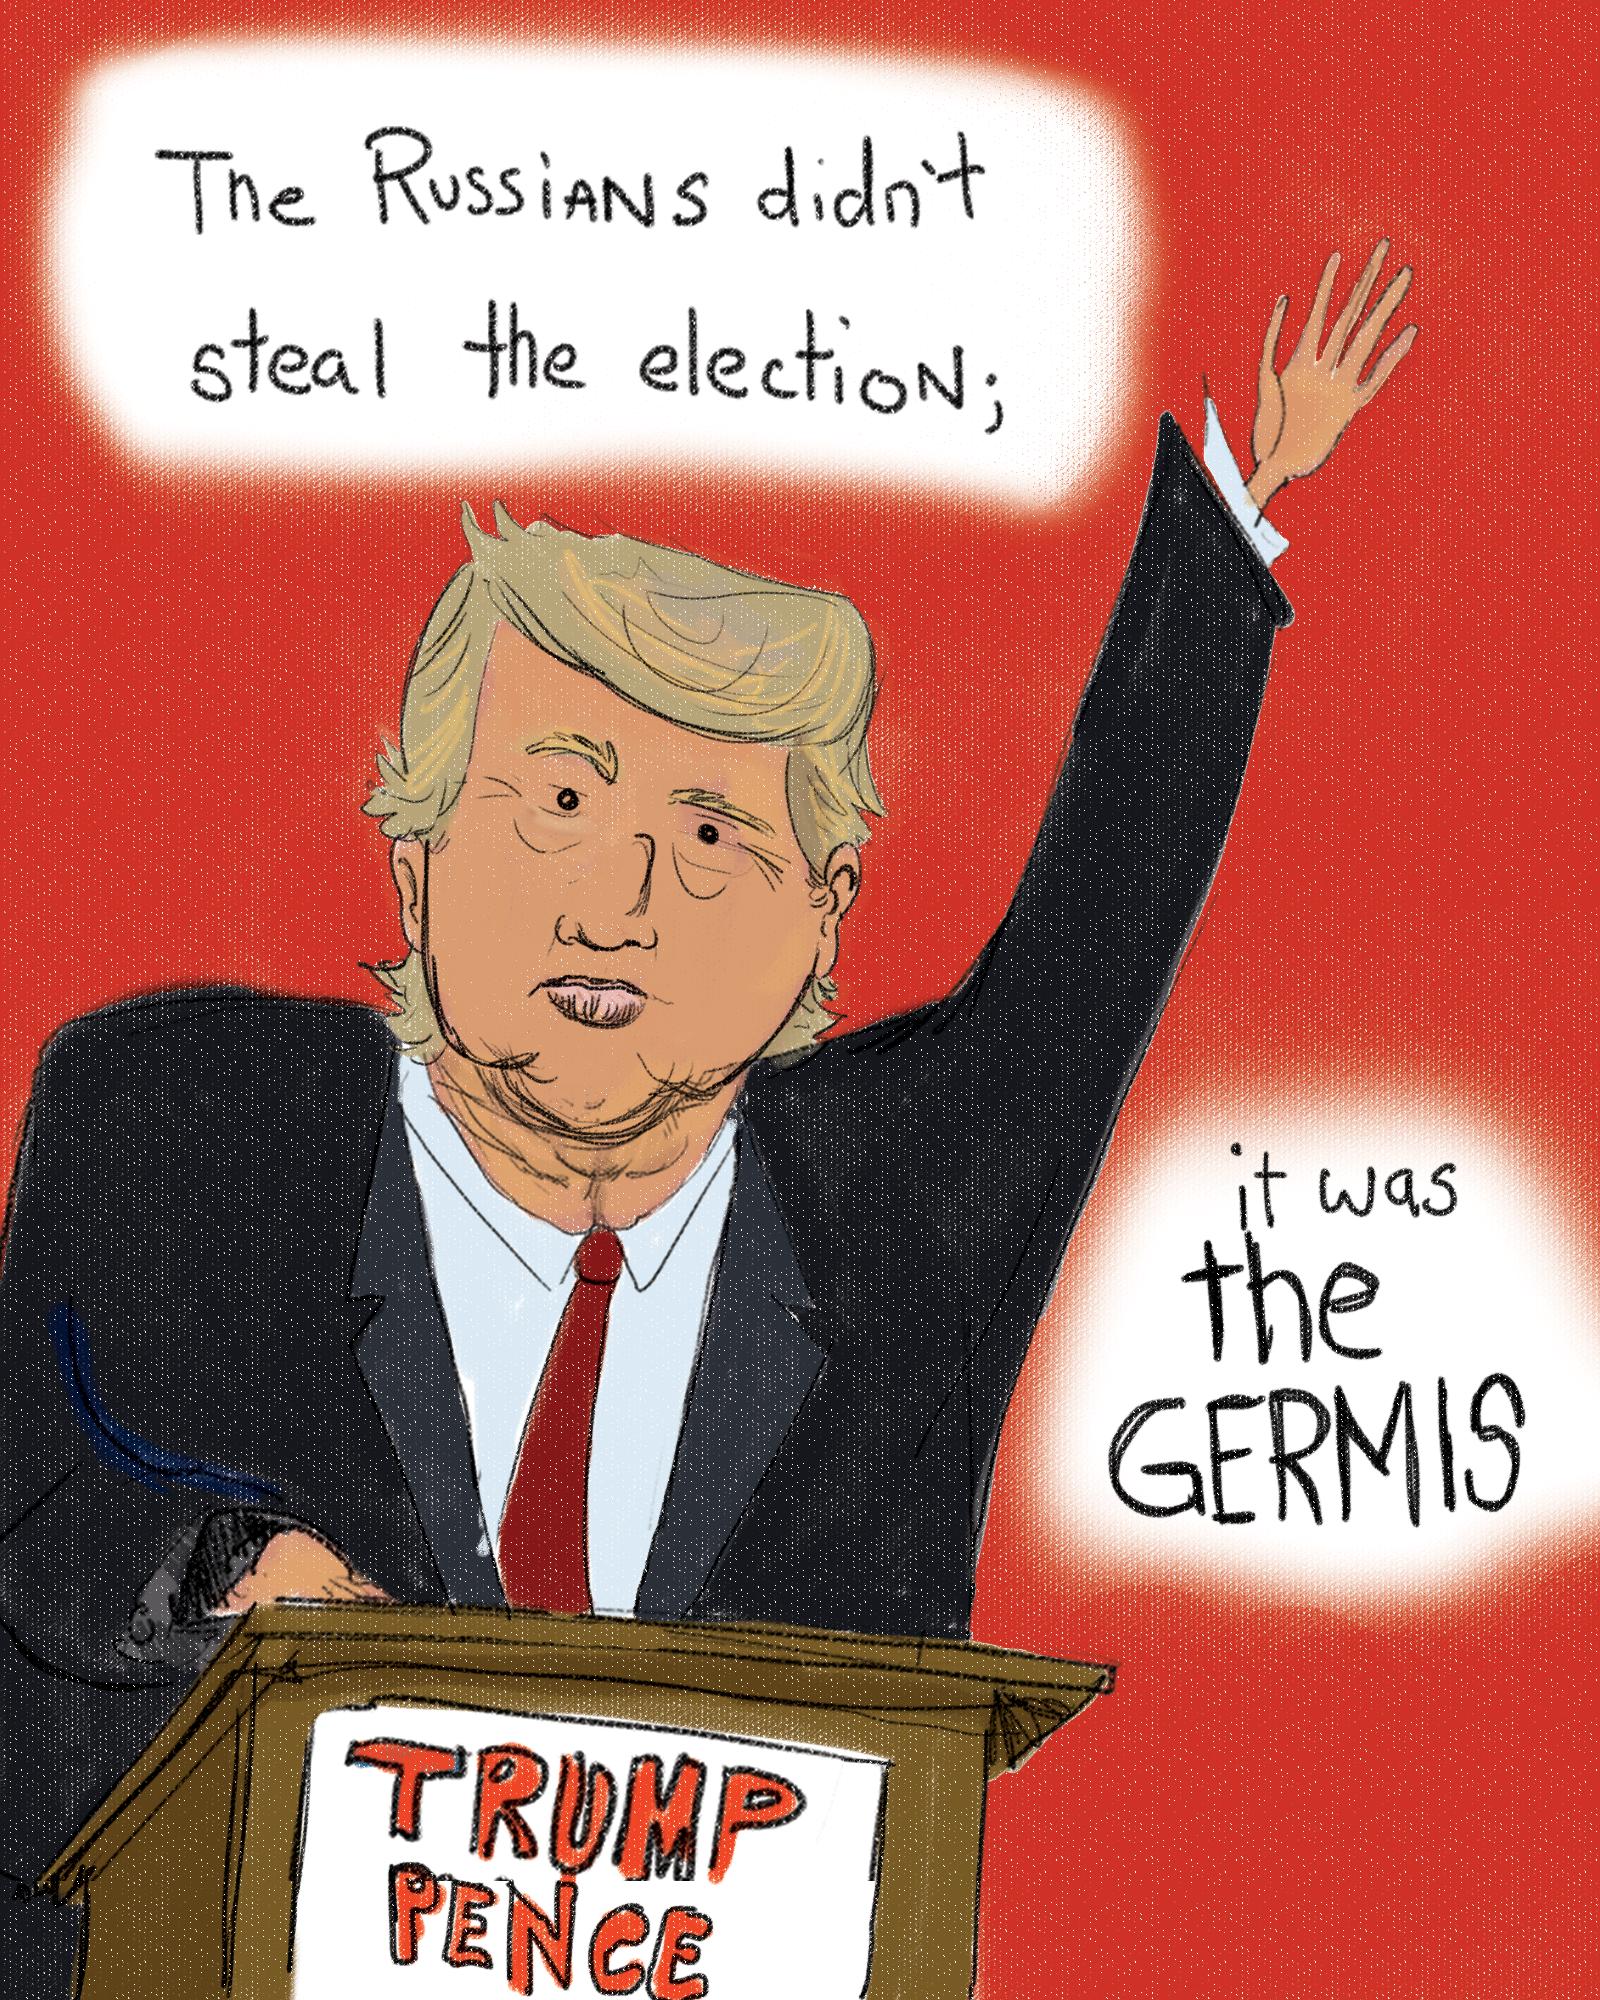 GERMIS_1.png